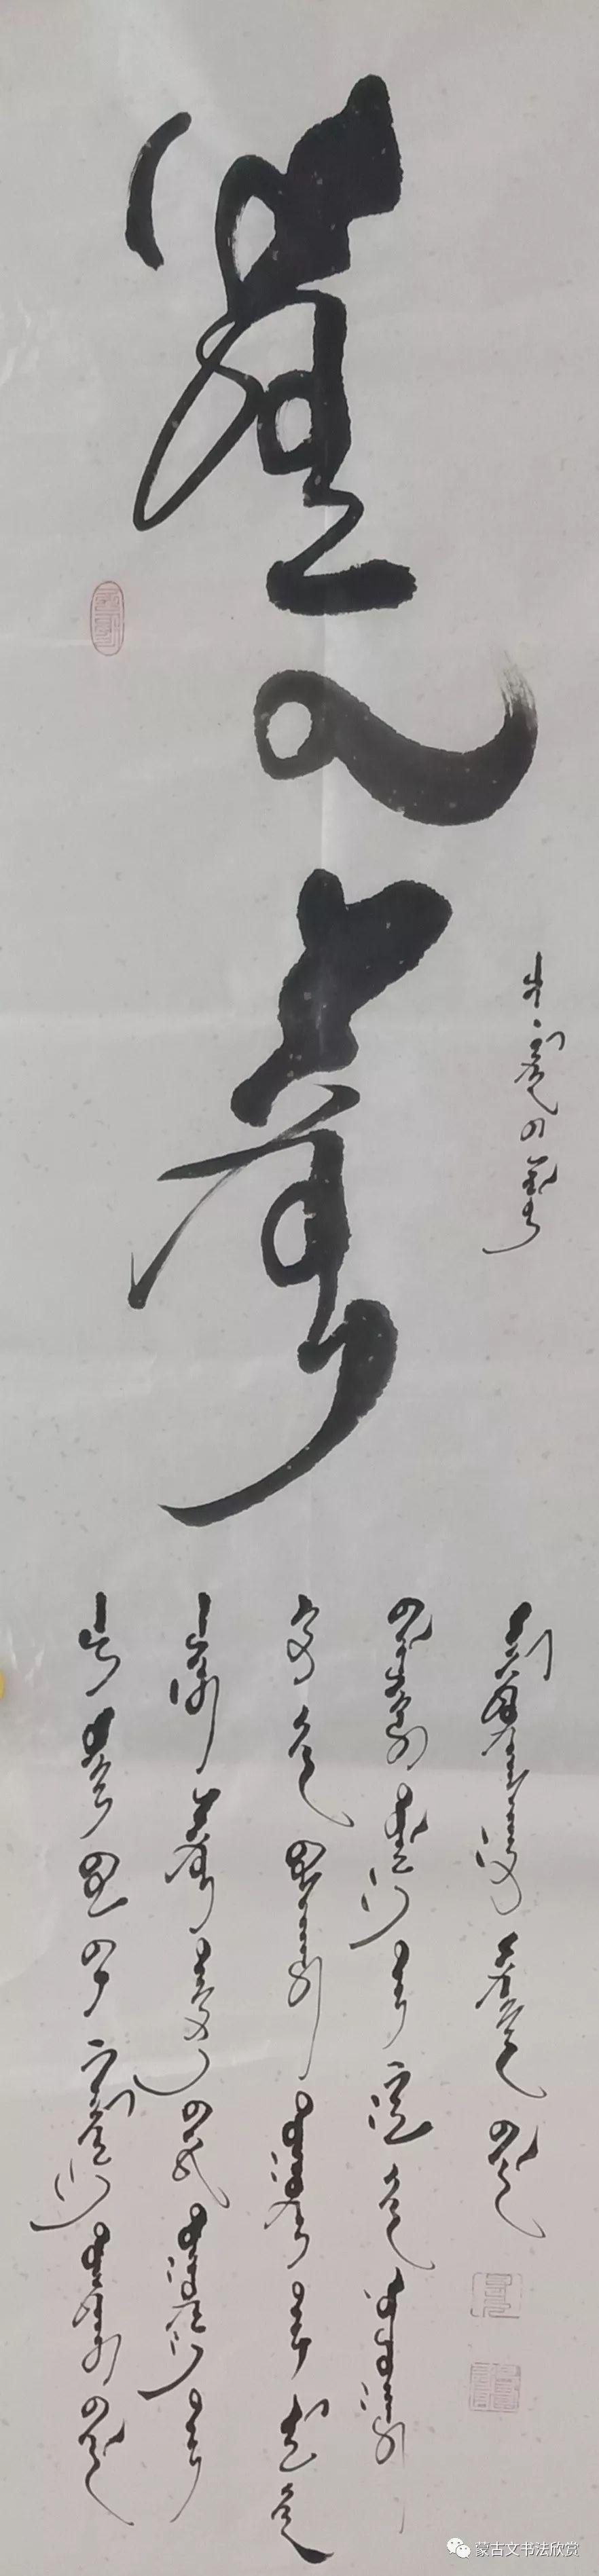 蒙古文书法欣赏——阿拉坦仓 第7张